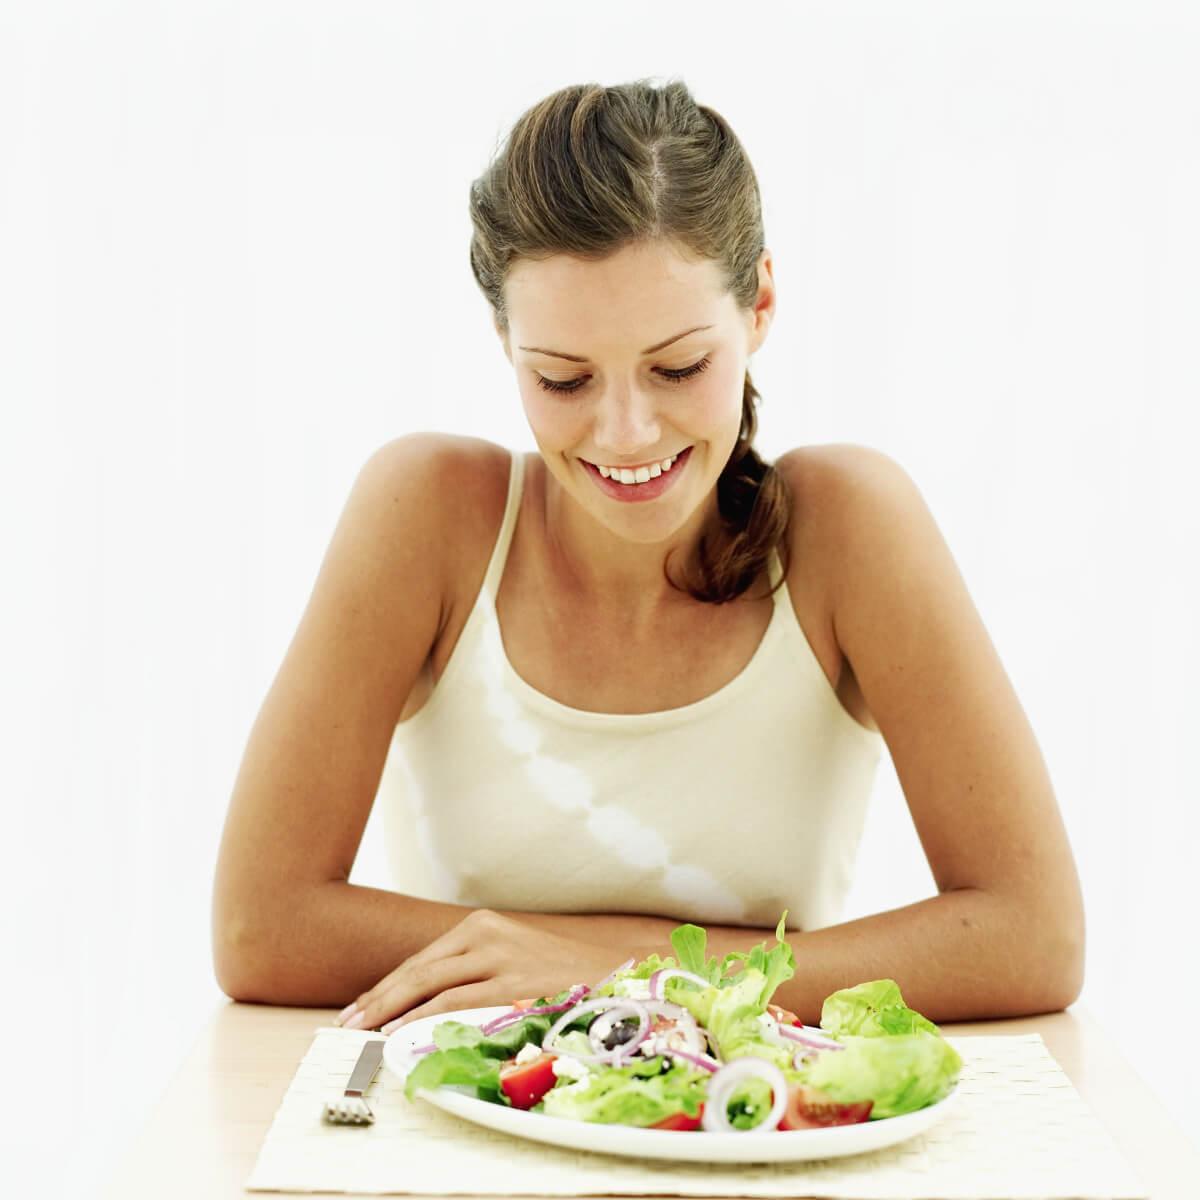 Продукты для набора веса для девушек: что нужно есть, чтобы быстро поправиться и набрать мышечную массу худой женщине эктоморфу